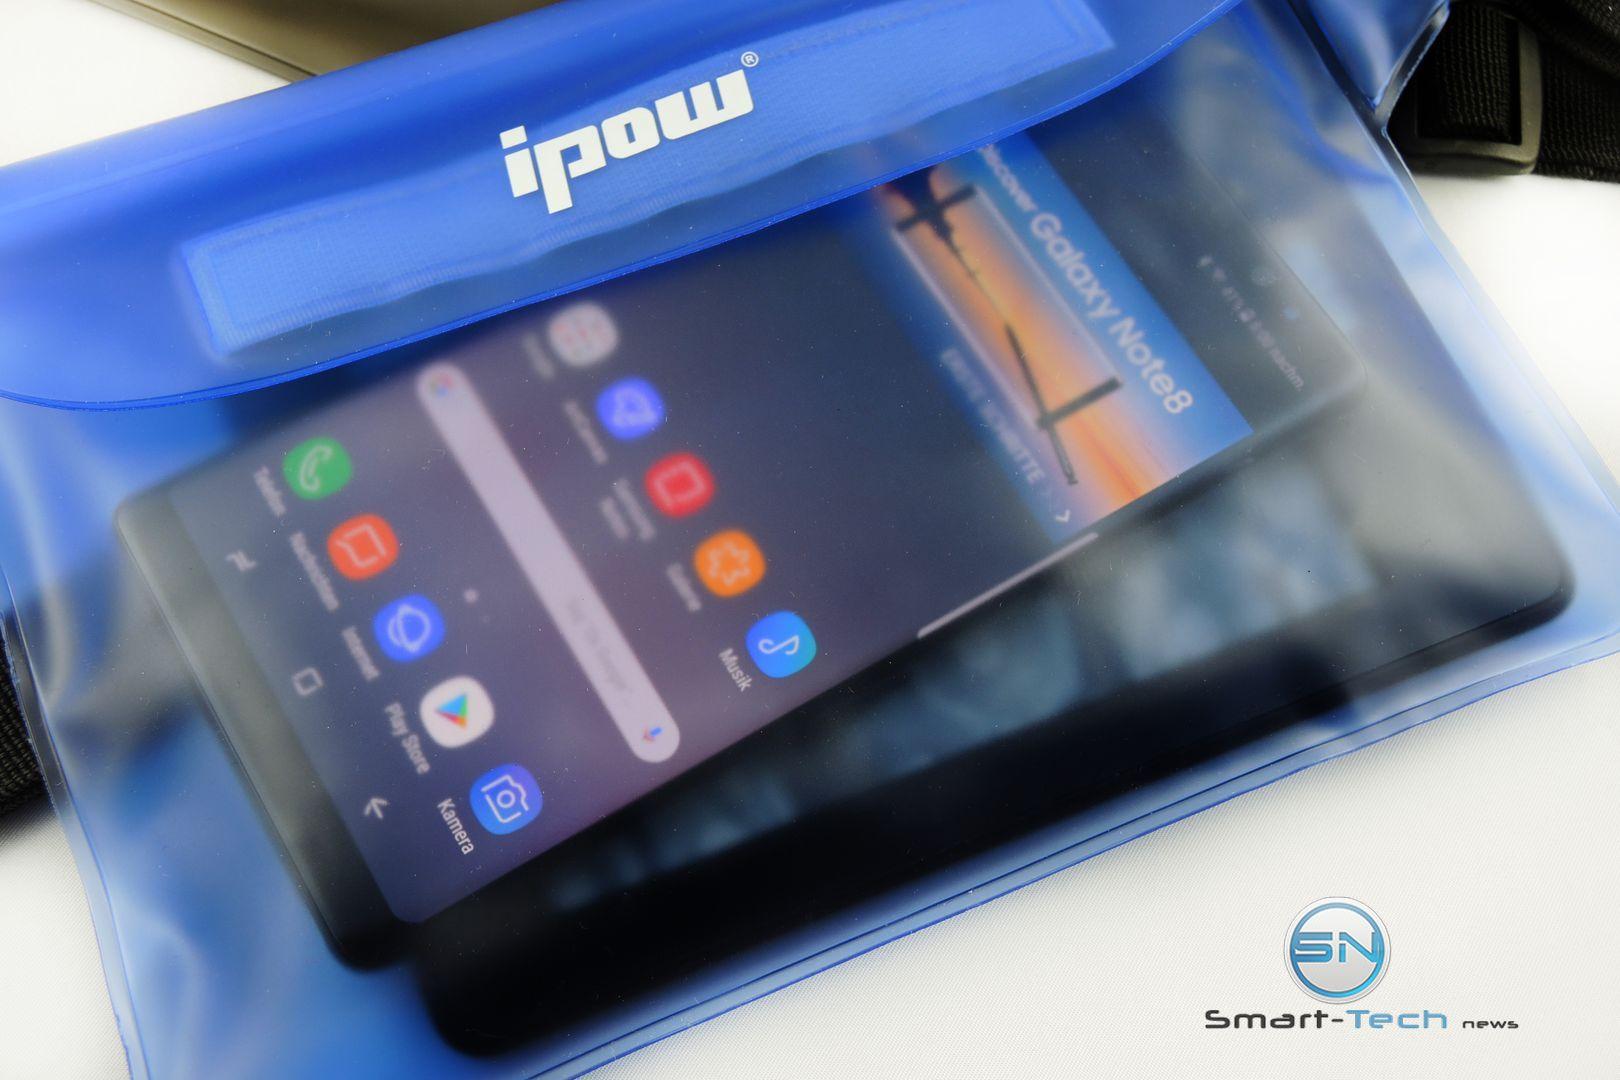 Samsung Galaxy Note 8 Amazon eRader Paperwhite - Ipow Wasserdichte Tasche - SmartTechNews